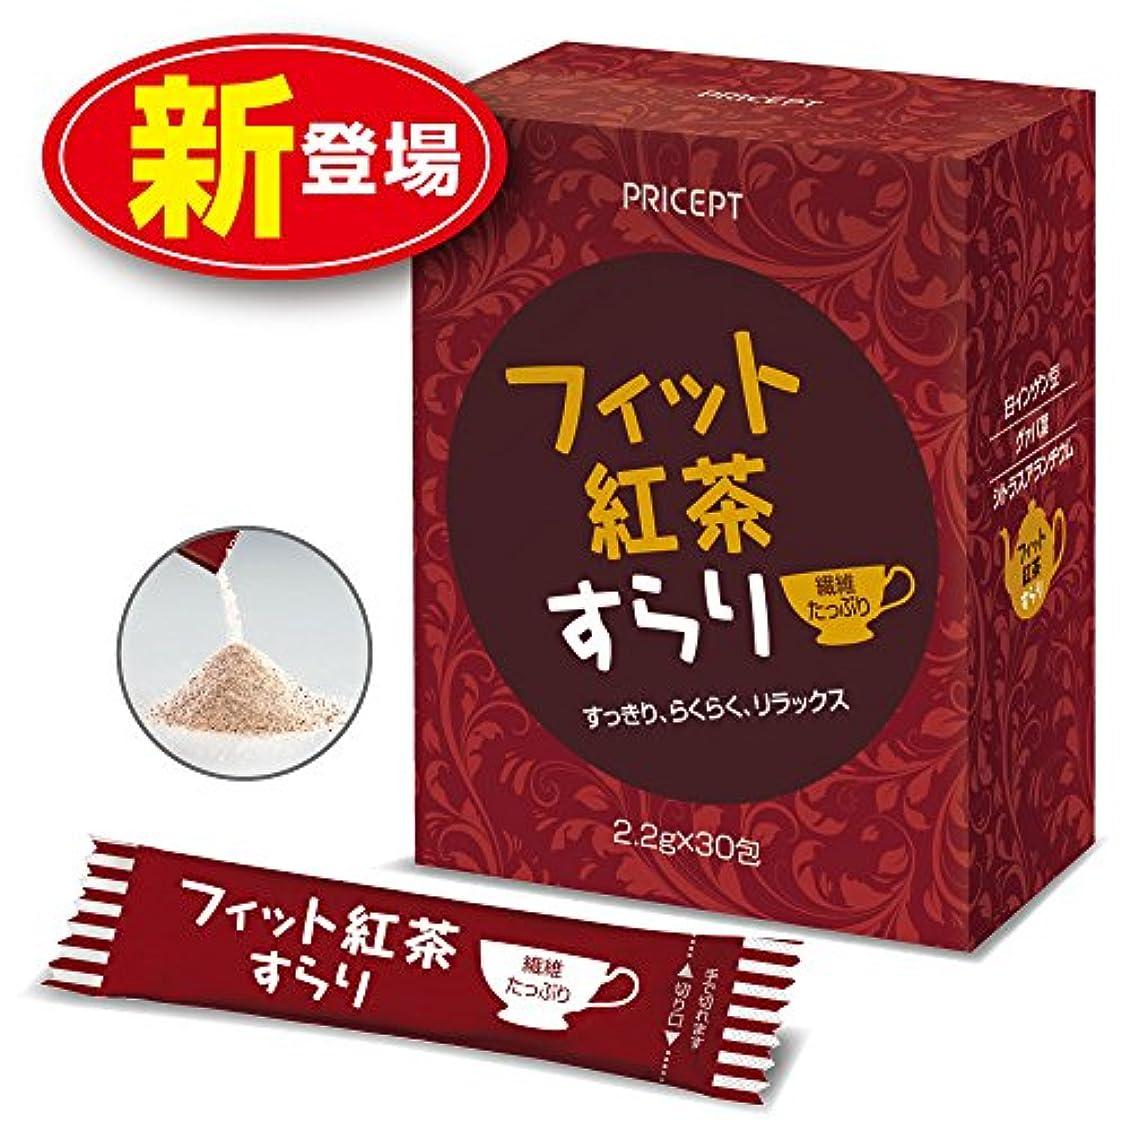 資格減らすスタッフプリセプト フィット紅茶すらり(30包)【単品】(食物繊維配合ダイエットサポート紅茶)